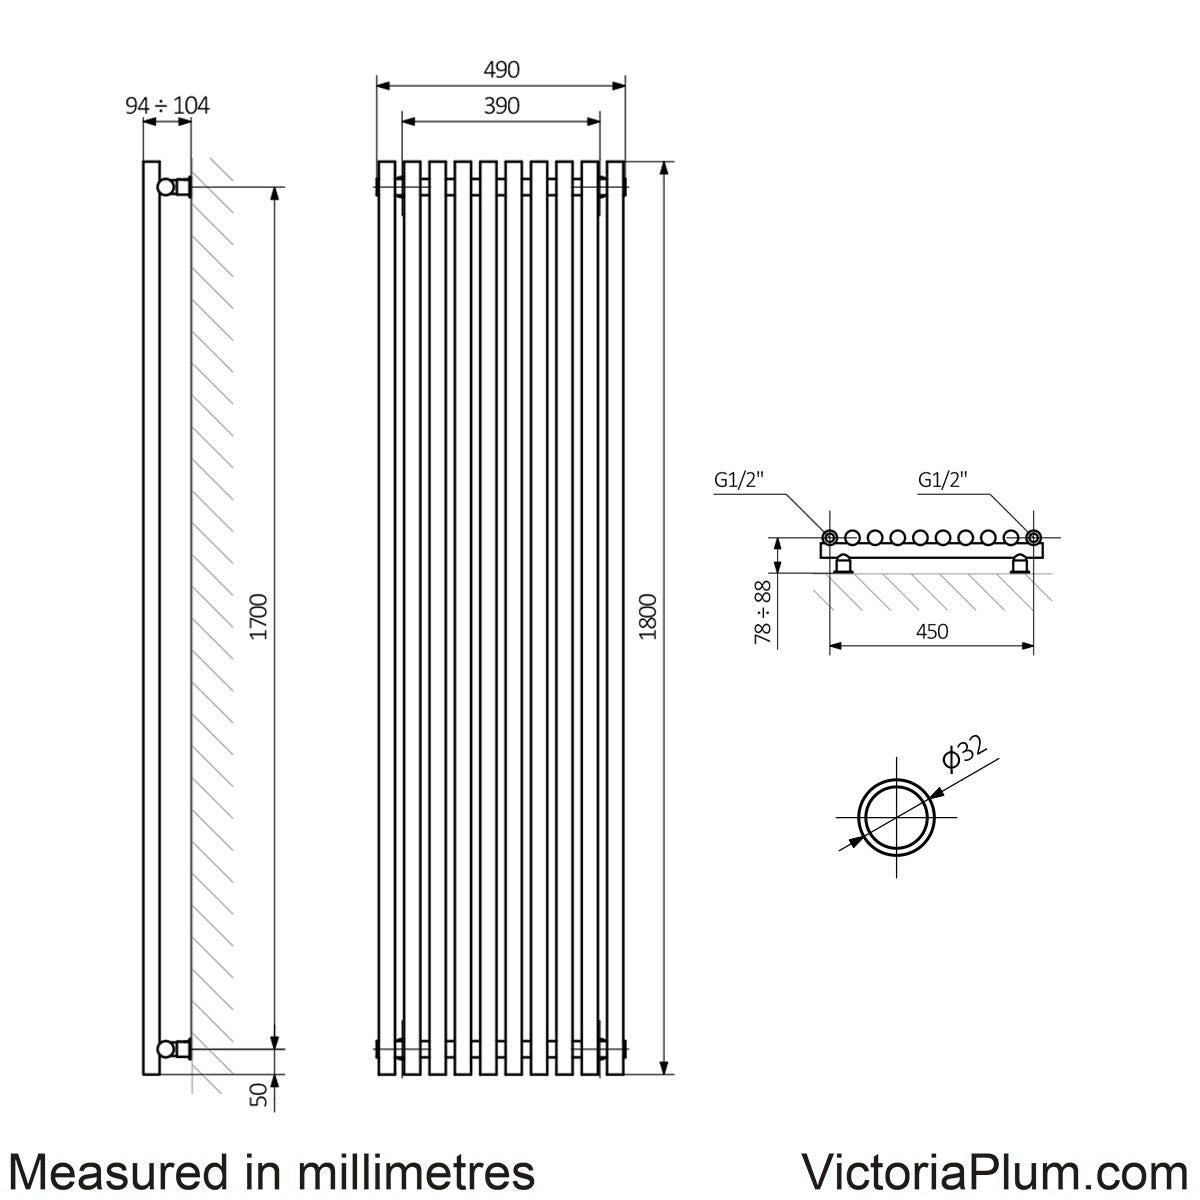 Dimensions for Terma Tune matt nickel single vertical radiator 1800 x 490